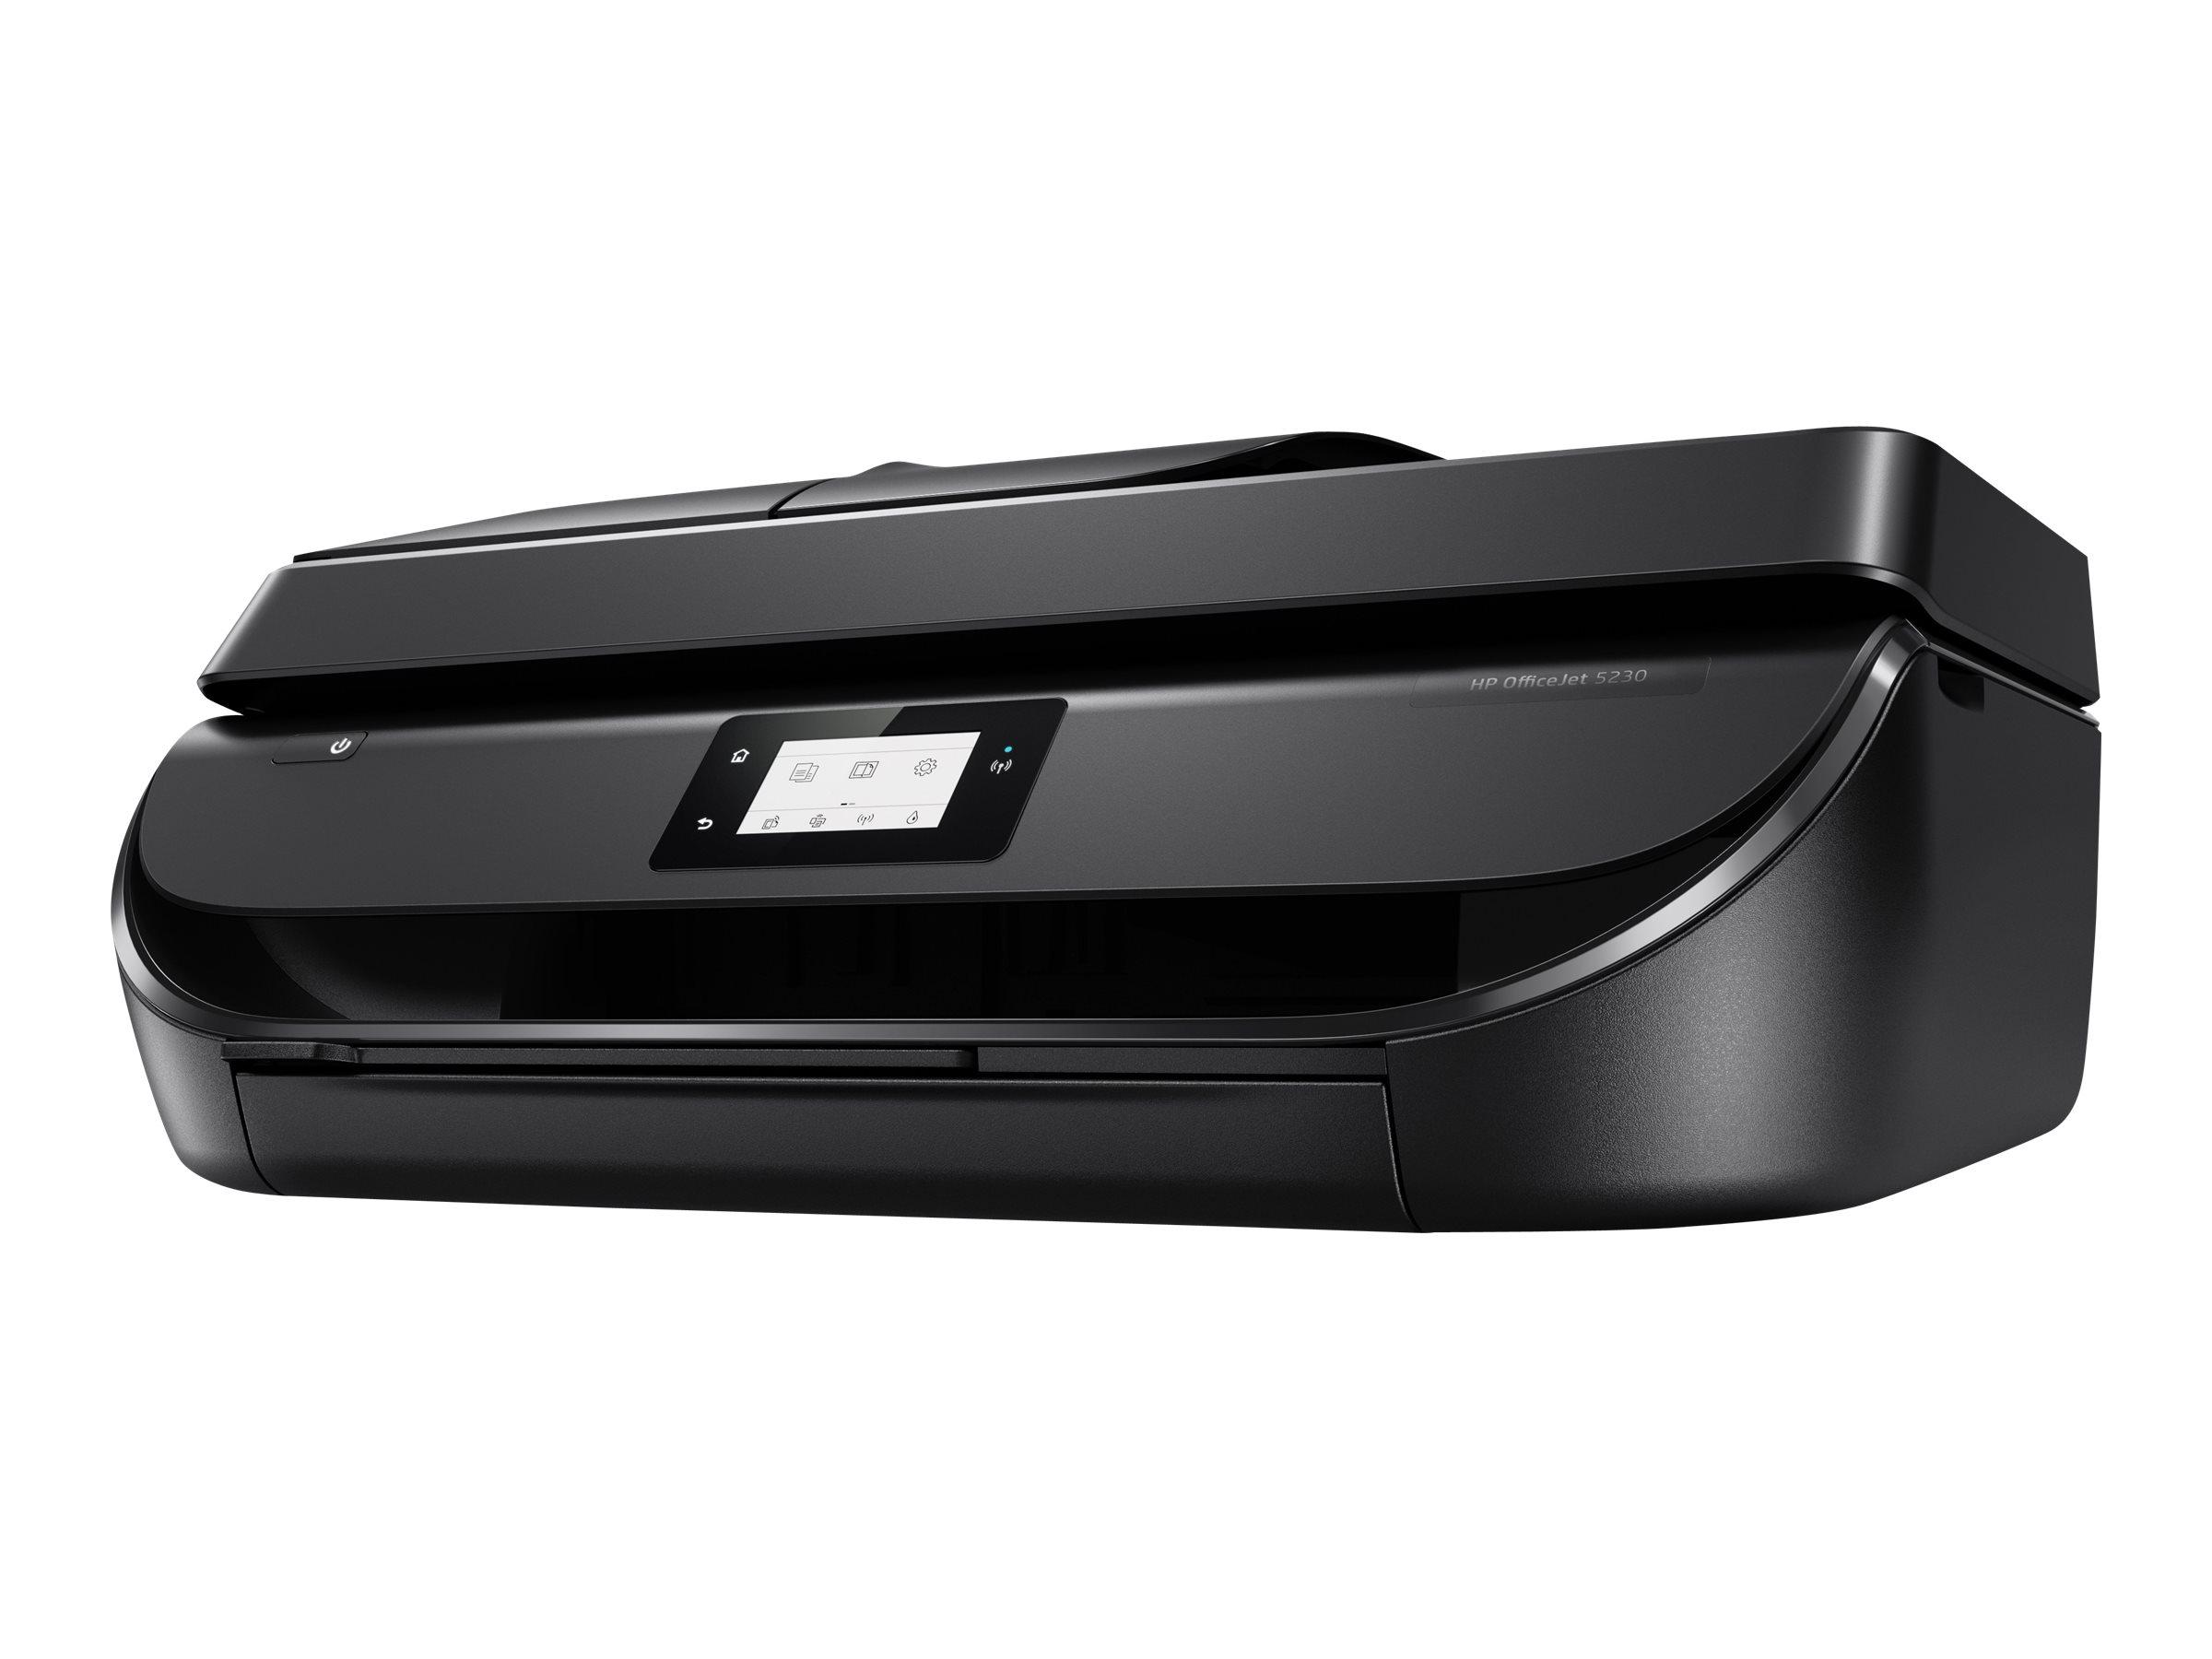 HP Officejet 5230 All-in-One - Multifunktionsdrucker